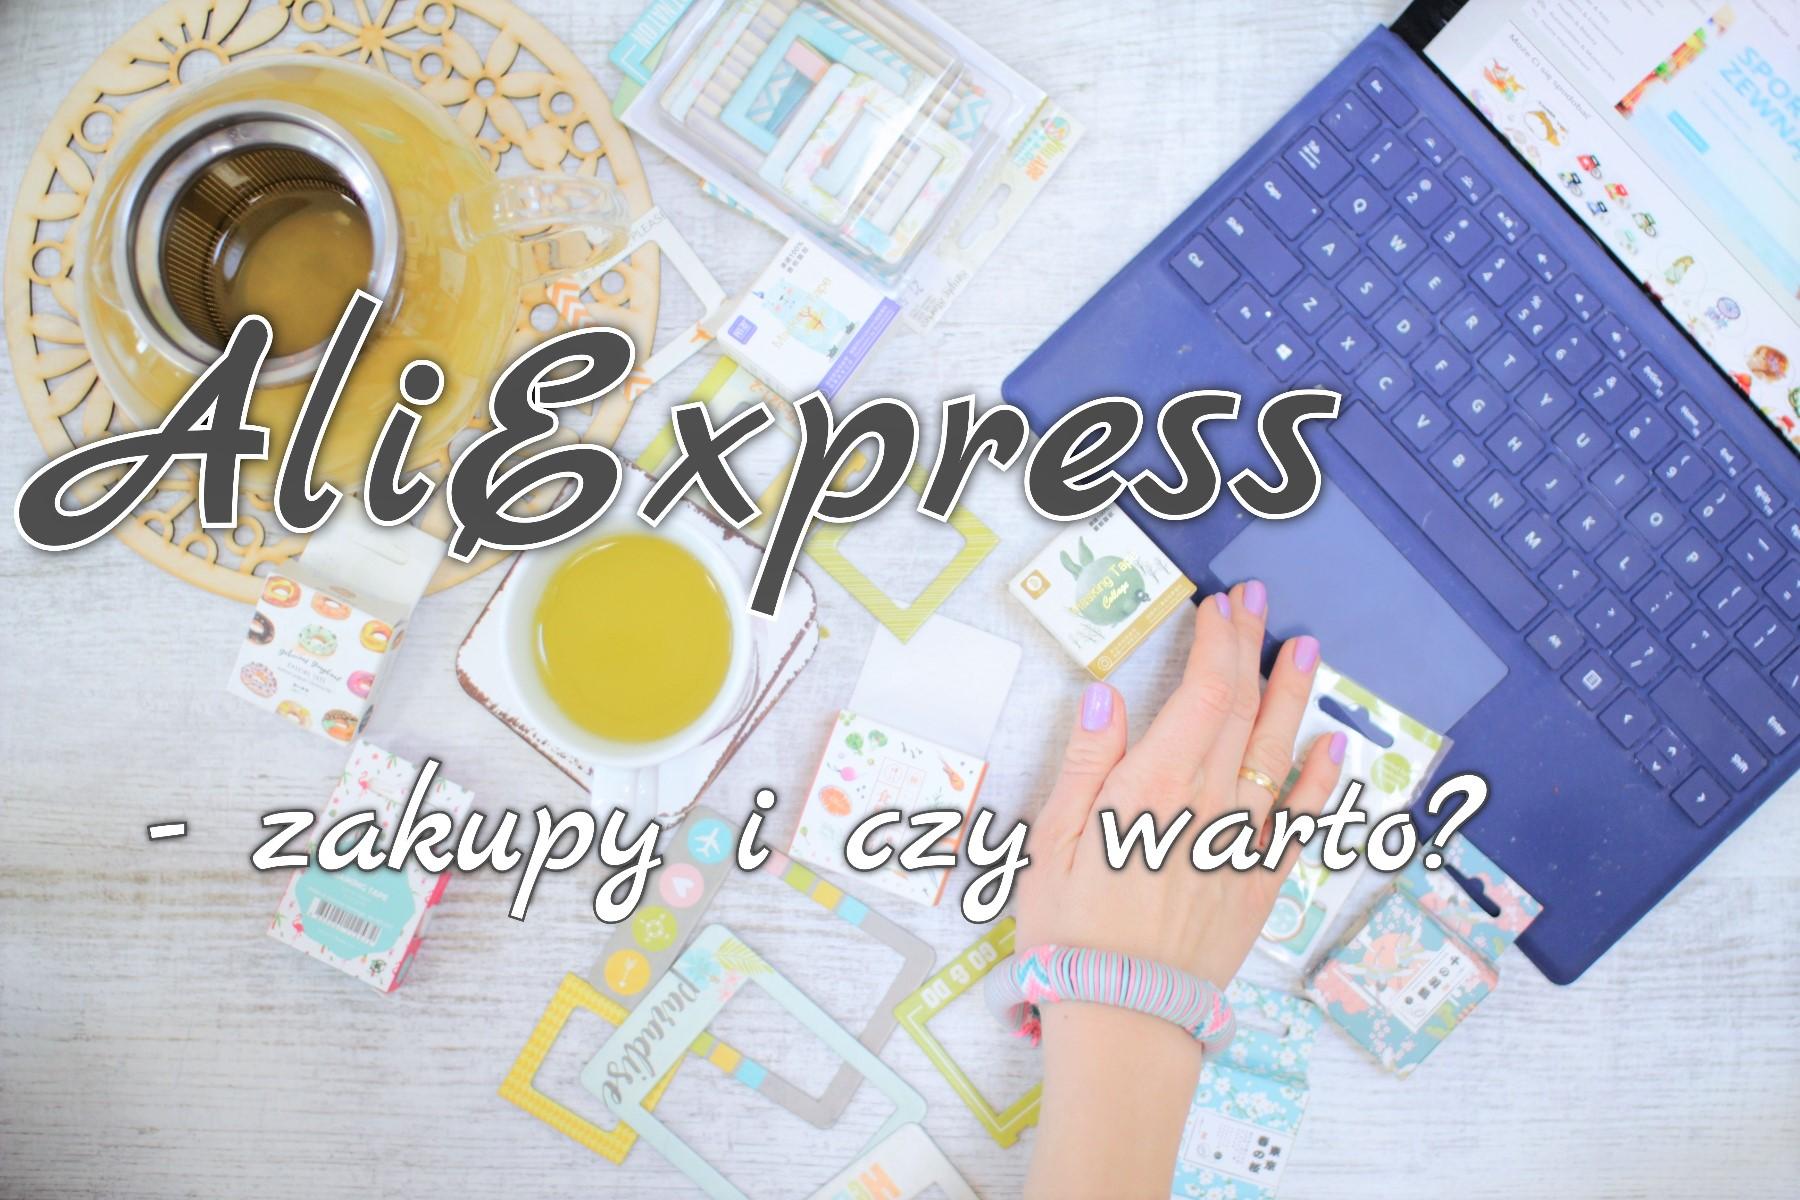 Zakupy na AliExpress